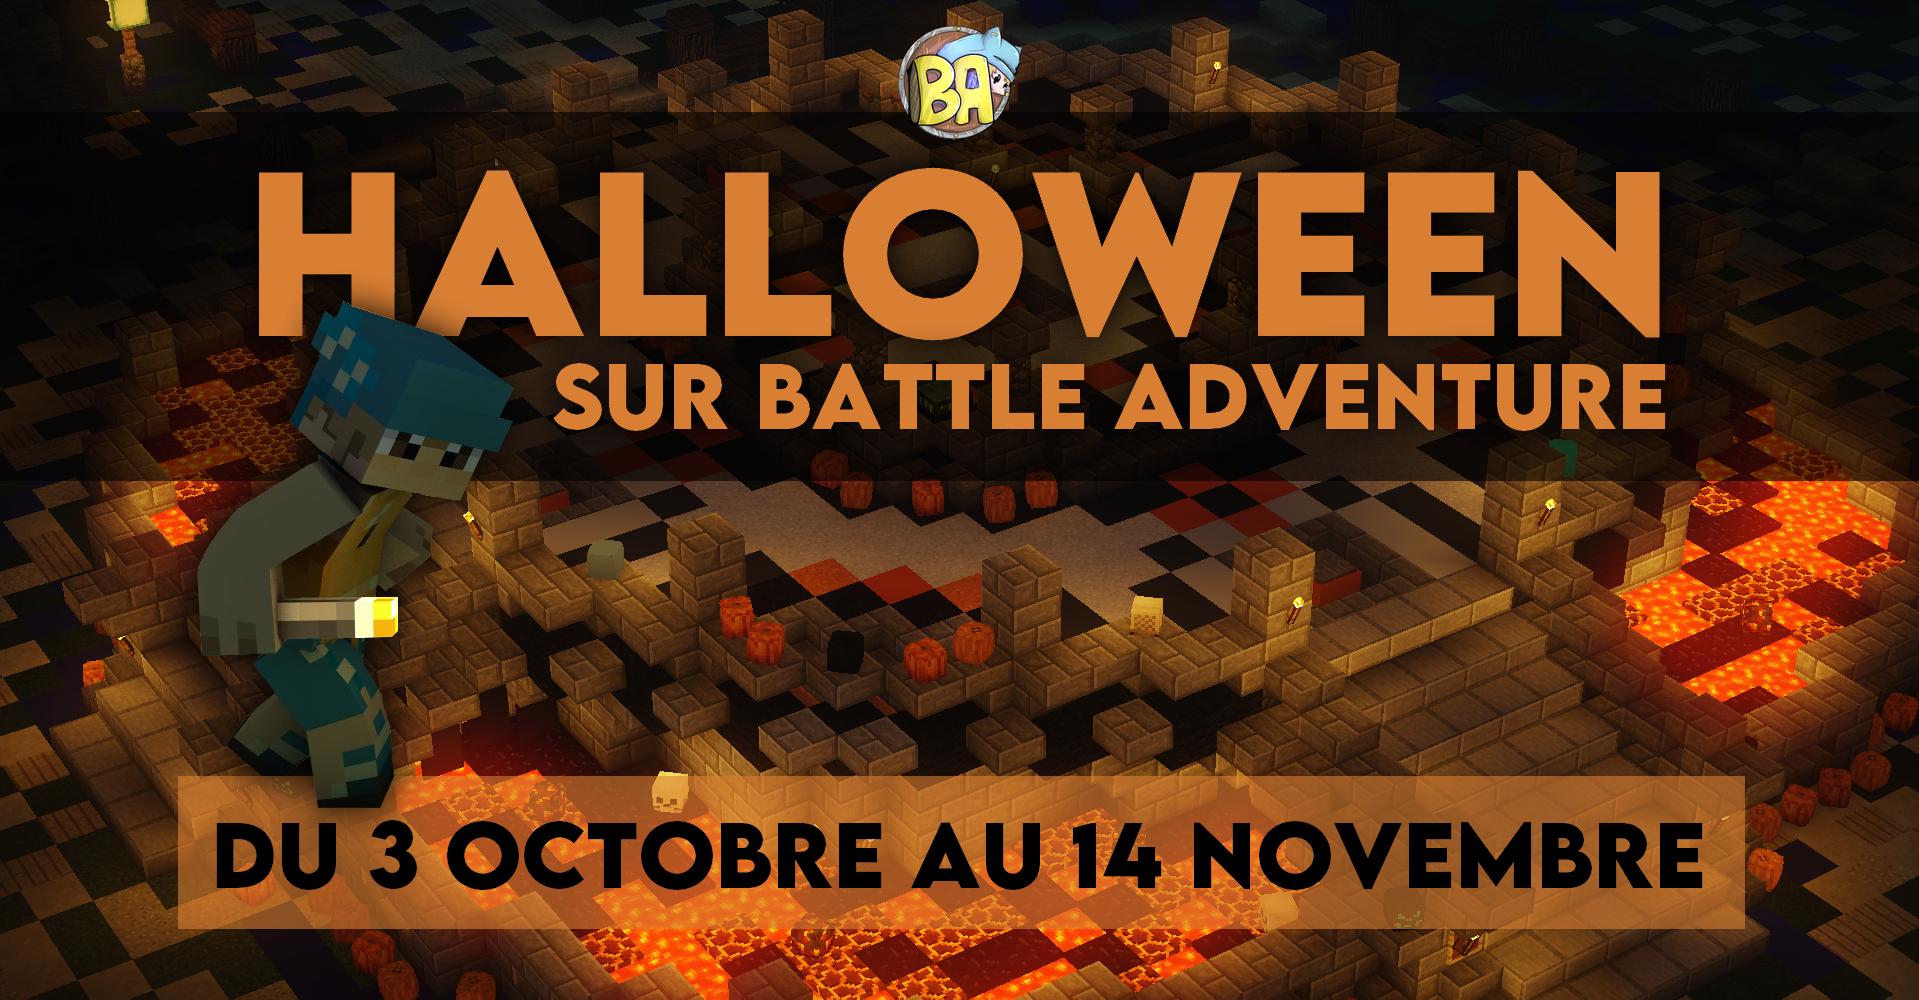 Actualité - BattleAdventure